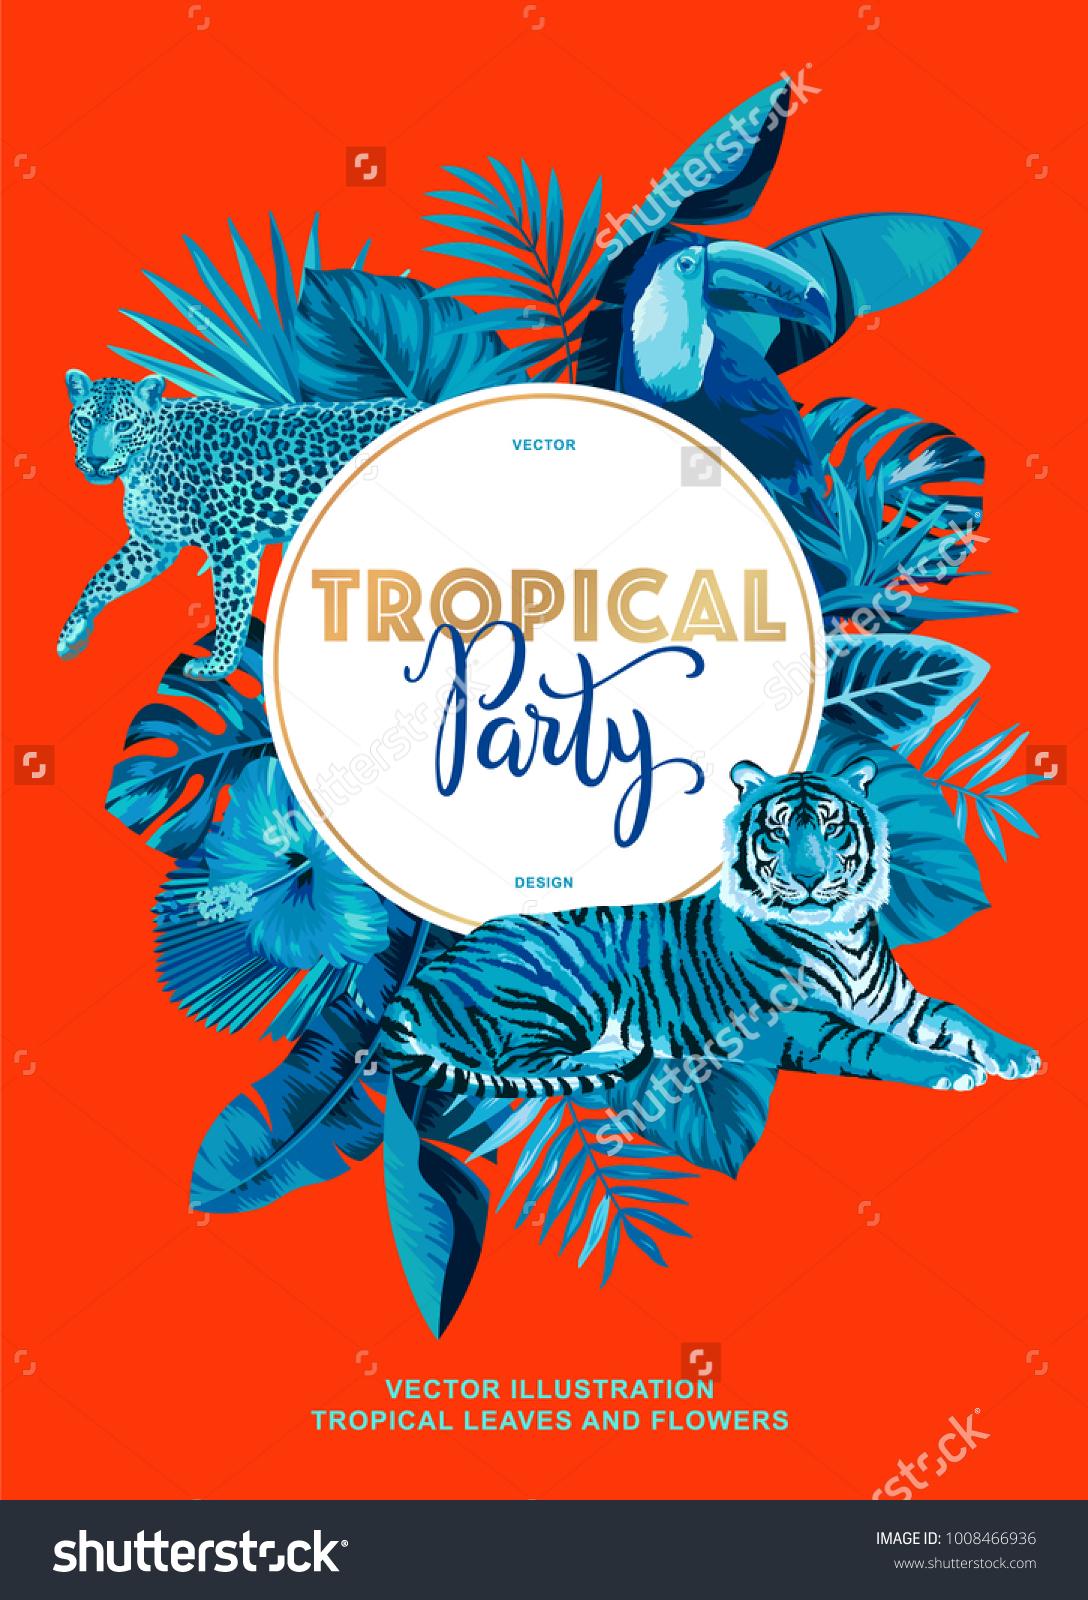 Tropical Hawaiian Party Invitation Wild Animals Stock Vector ...